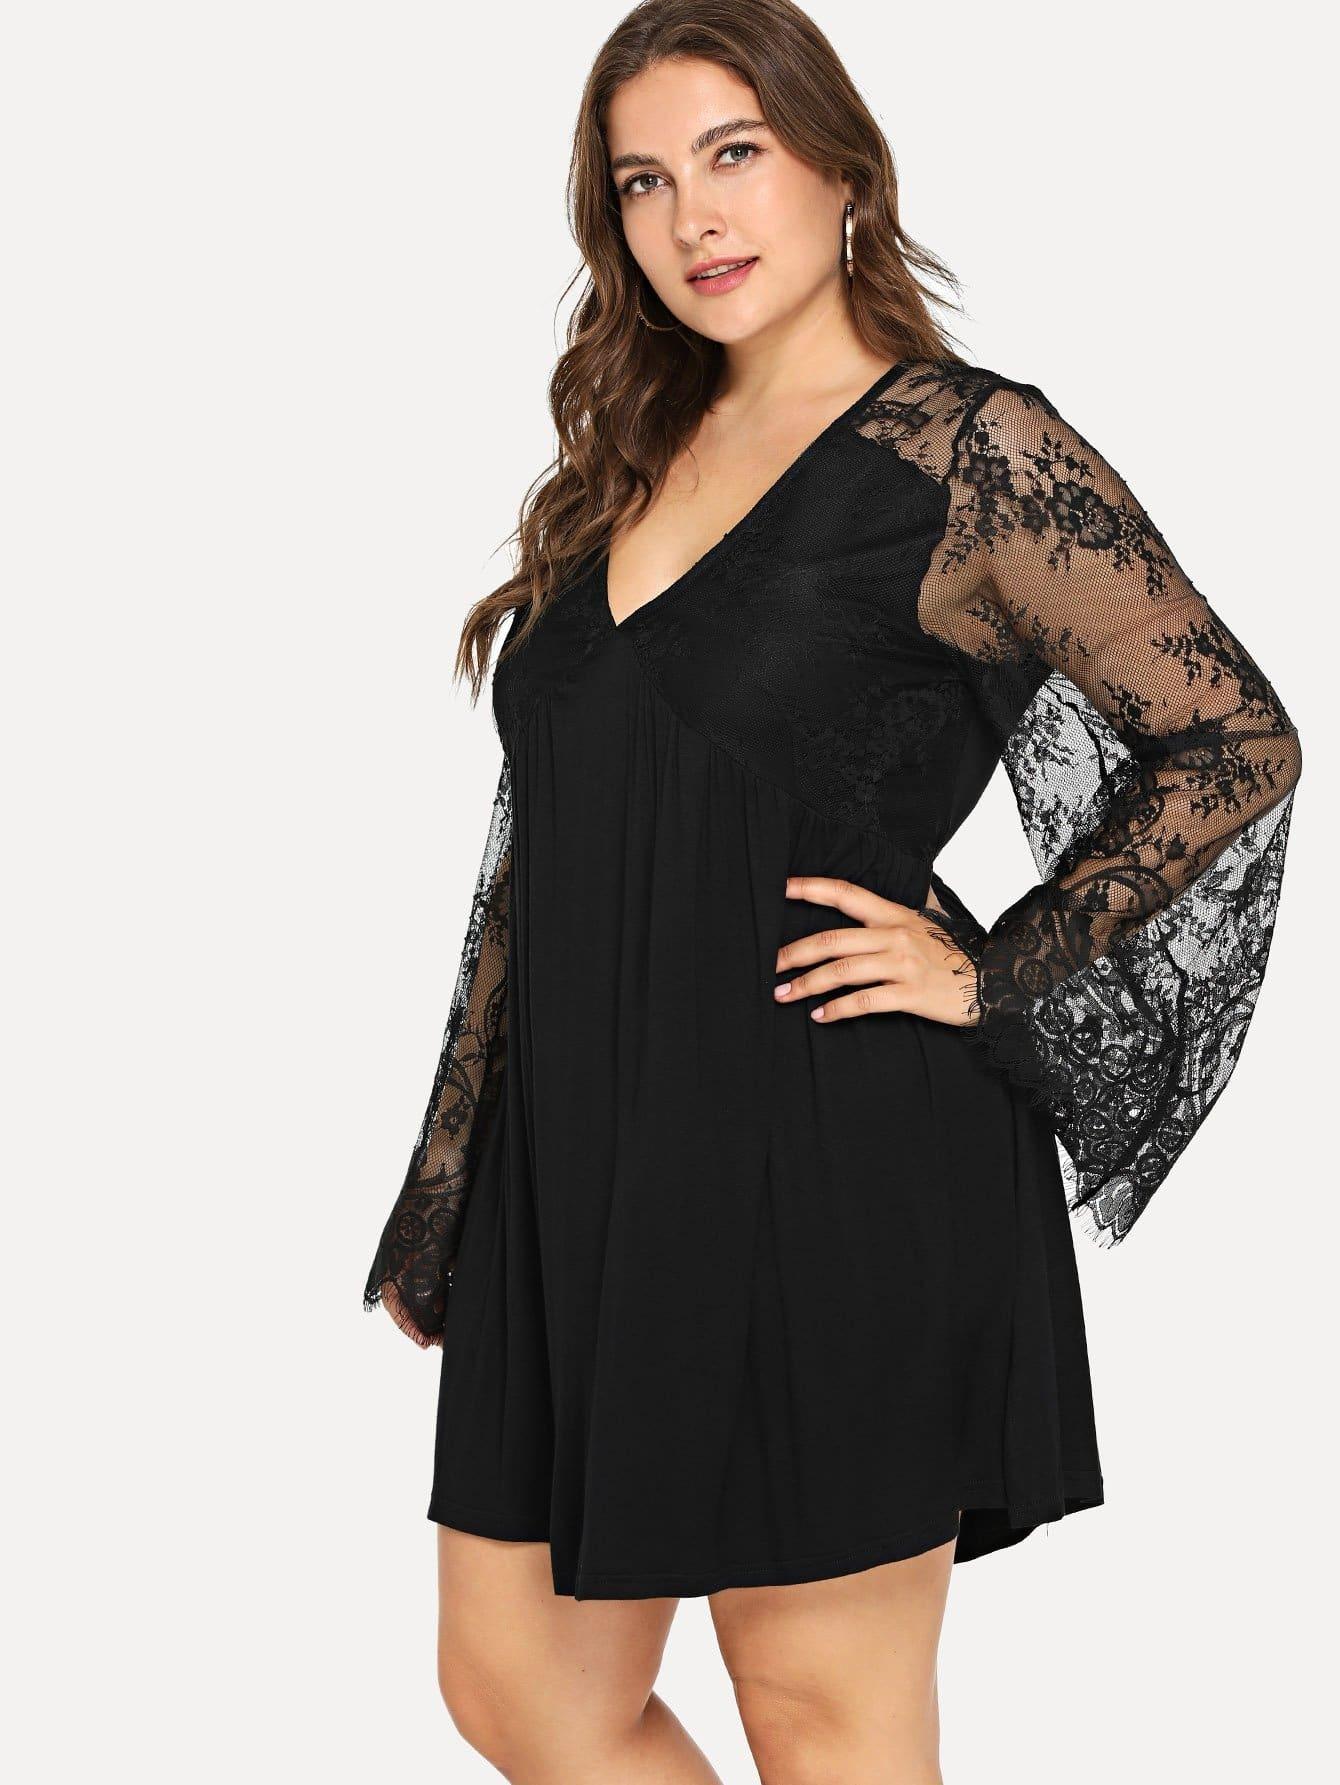 Купить Большая кружевная рубашка Bodice и с украшением вышивки, Franziska, SheIn